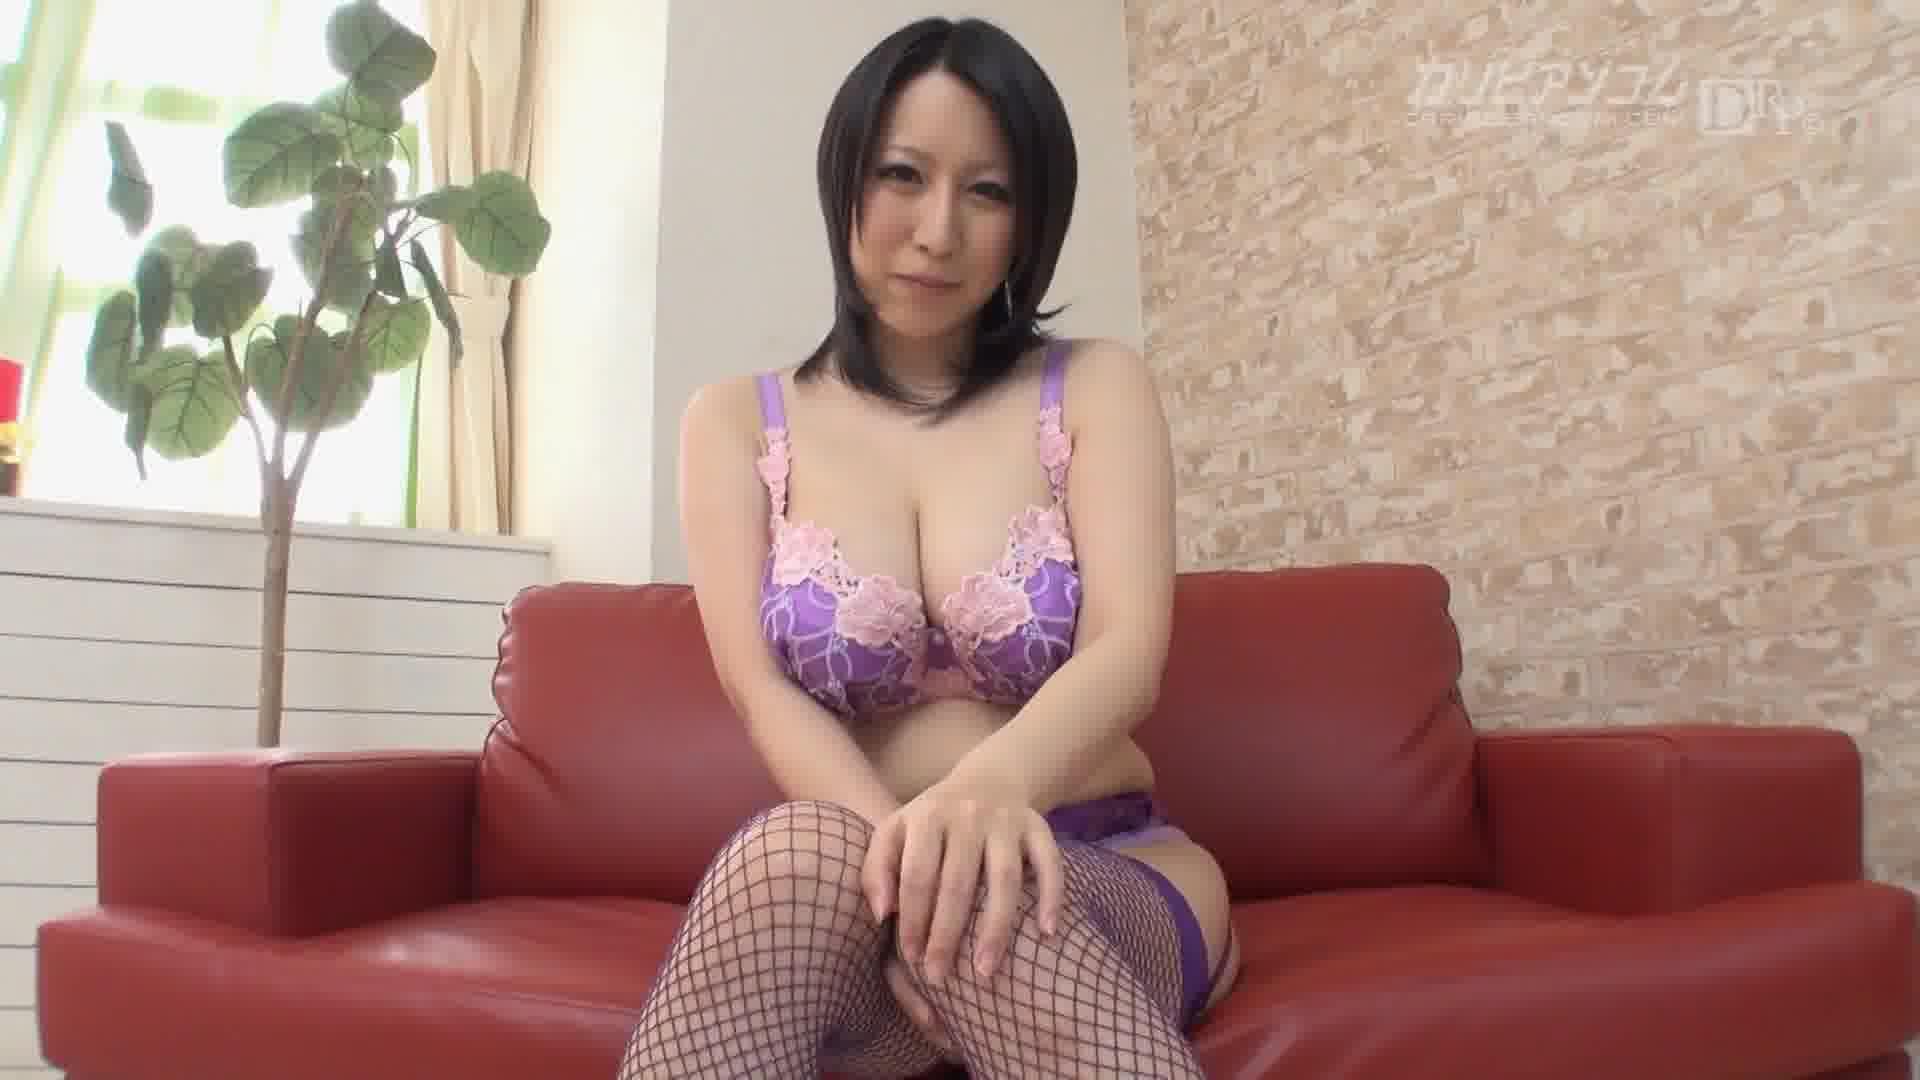 星咲優菜のREAL SEX STORY - 星咲優菜【巨乳・中出し・初裏】